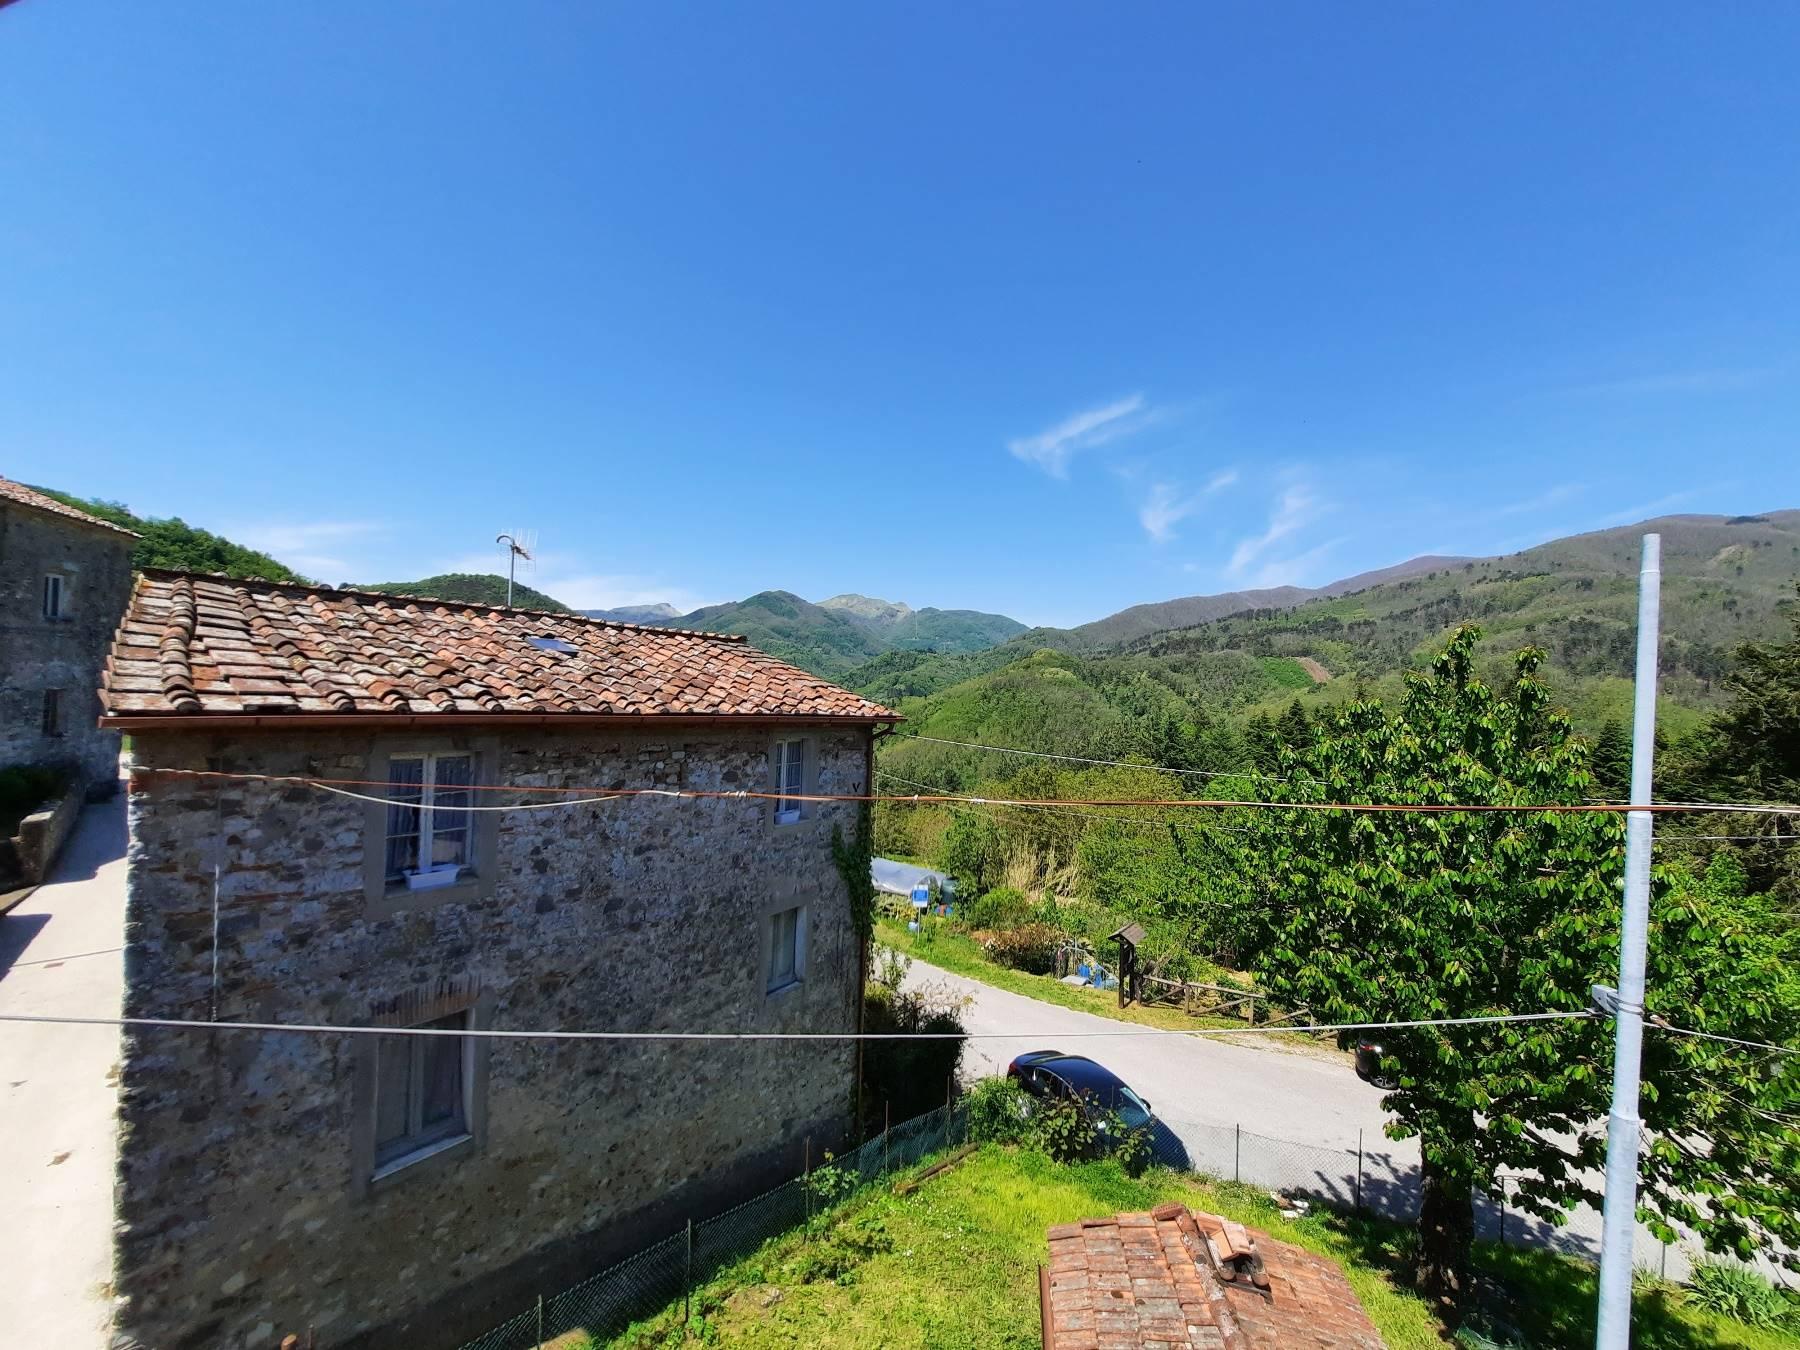 La torretta - The panoramic tower